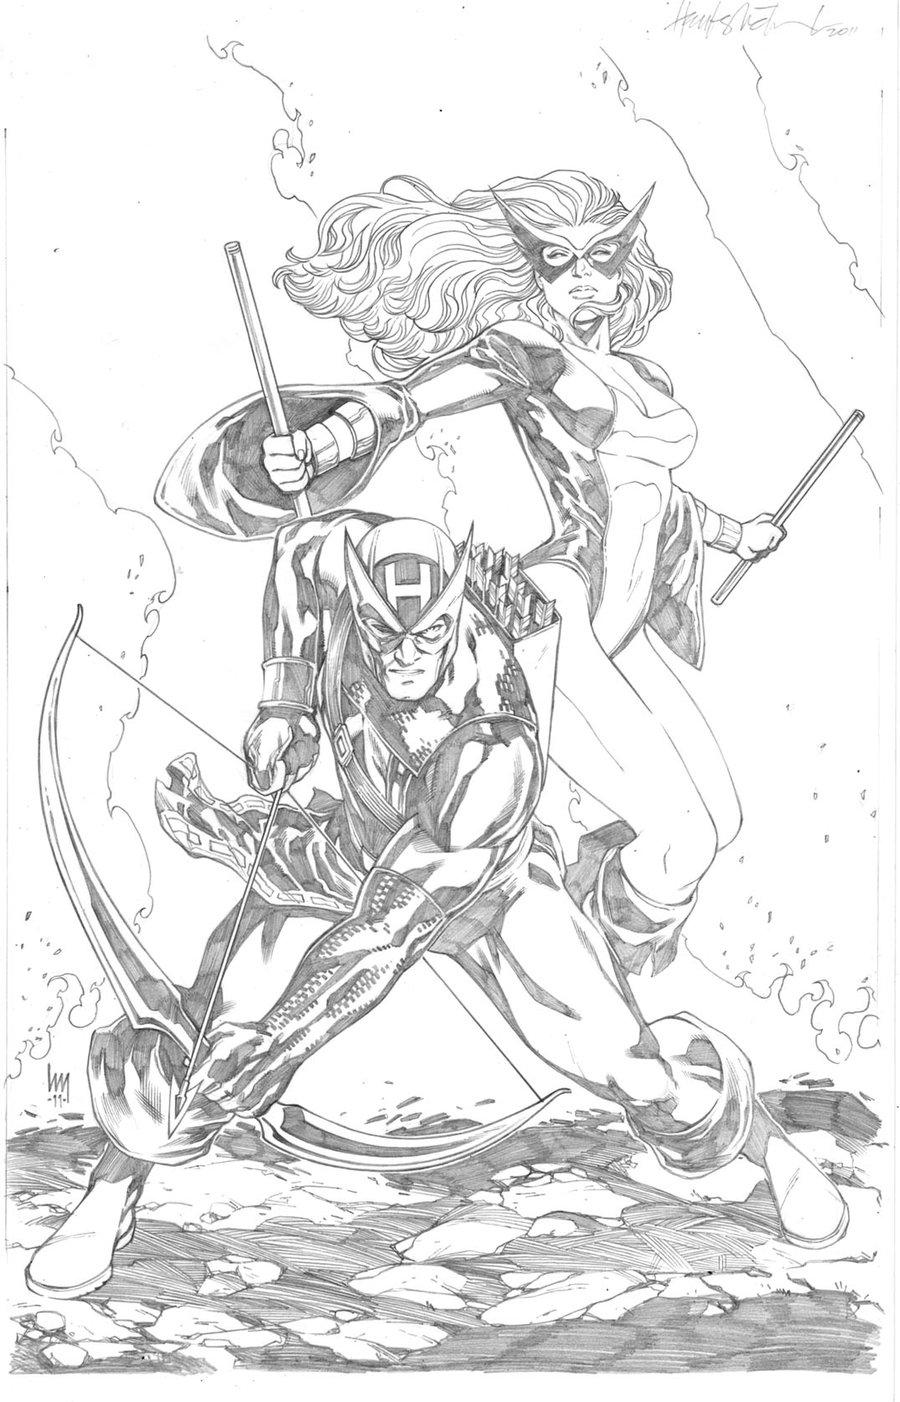 900x1402 Hawkeye And Mockingbird By Wrathofkhan